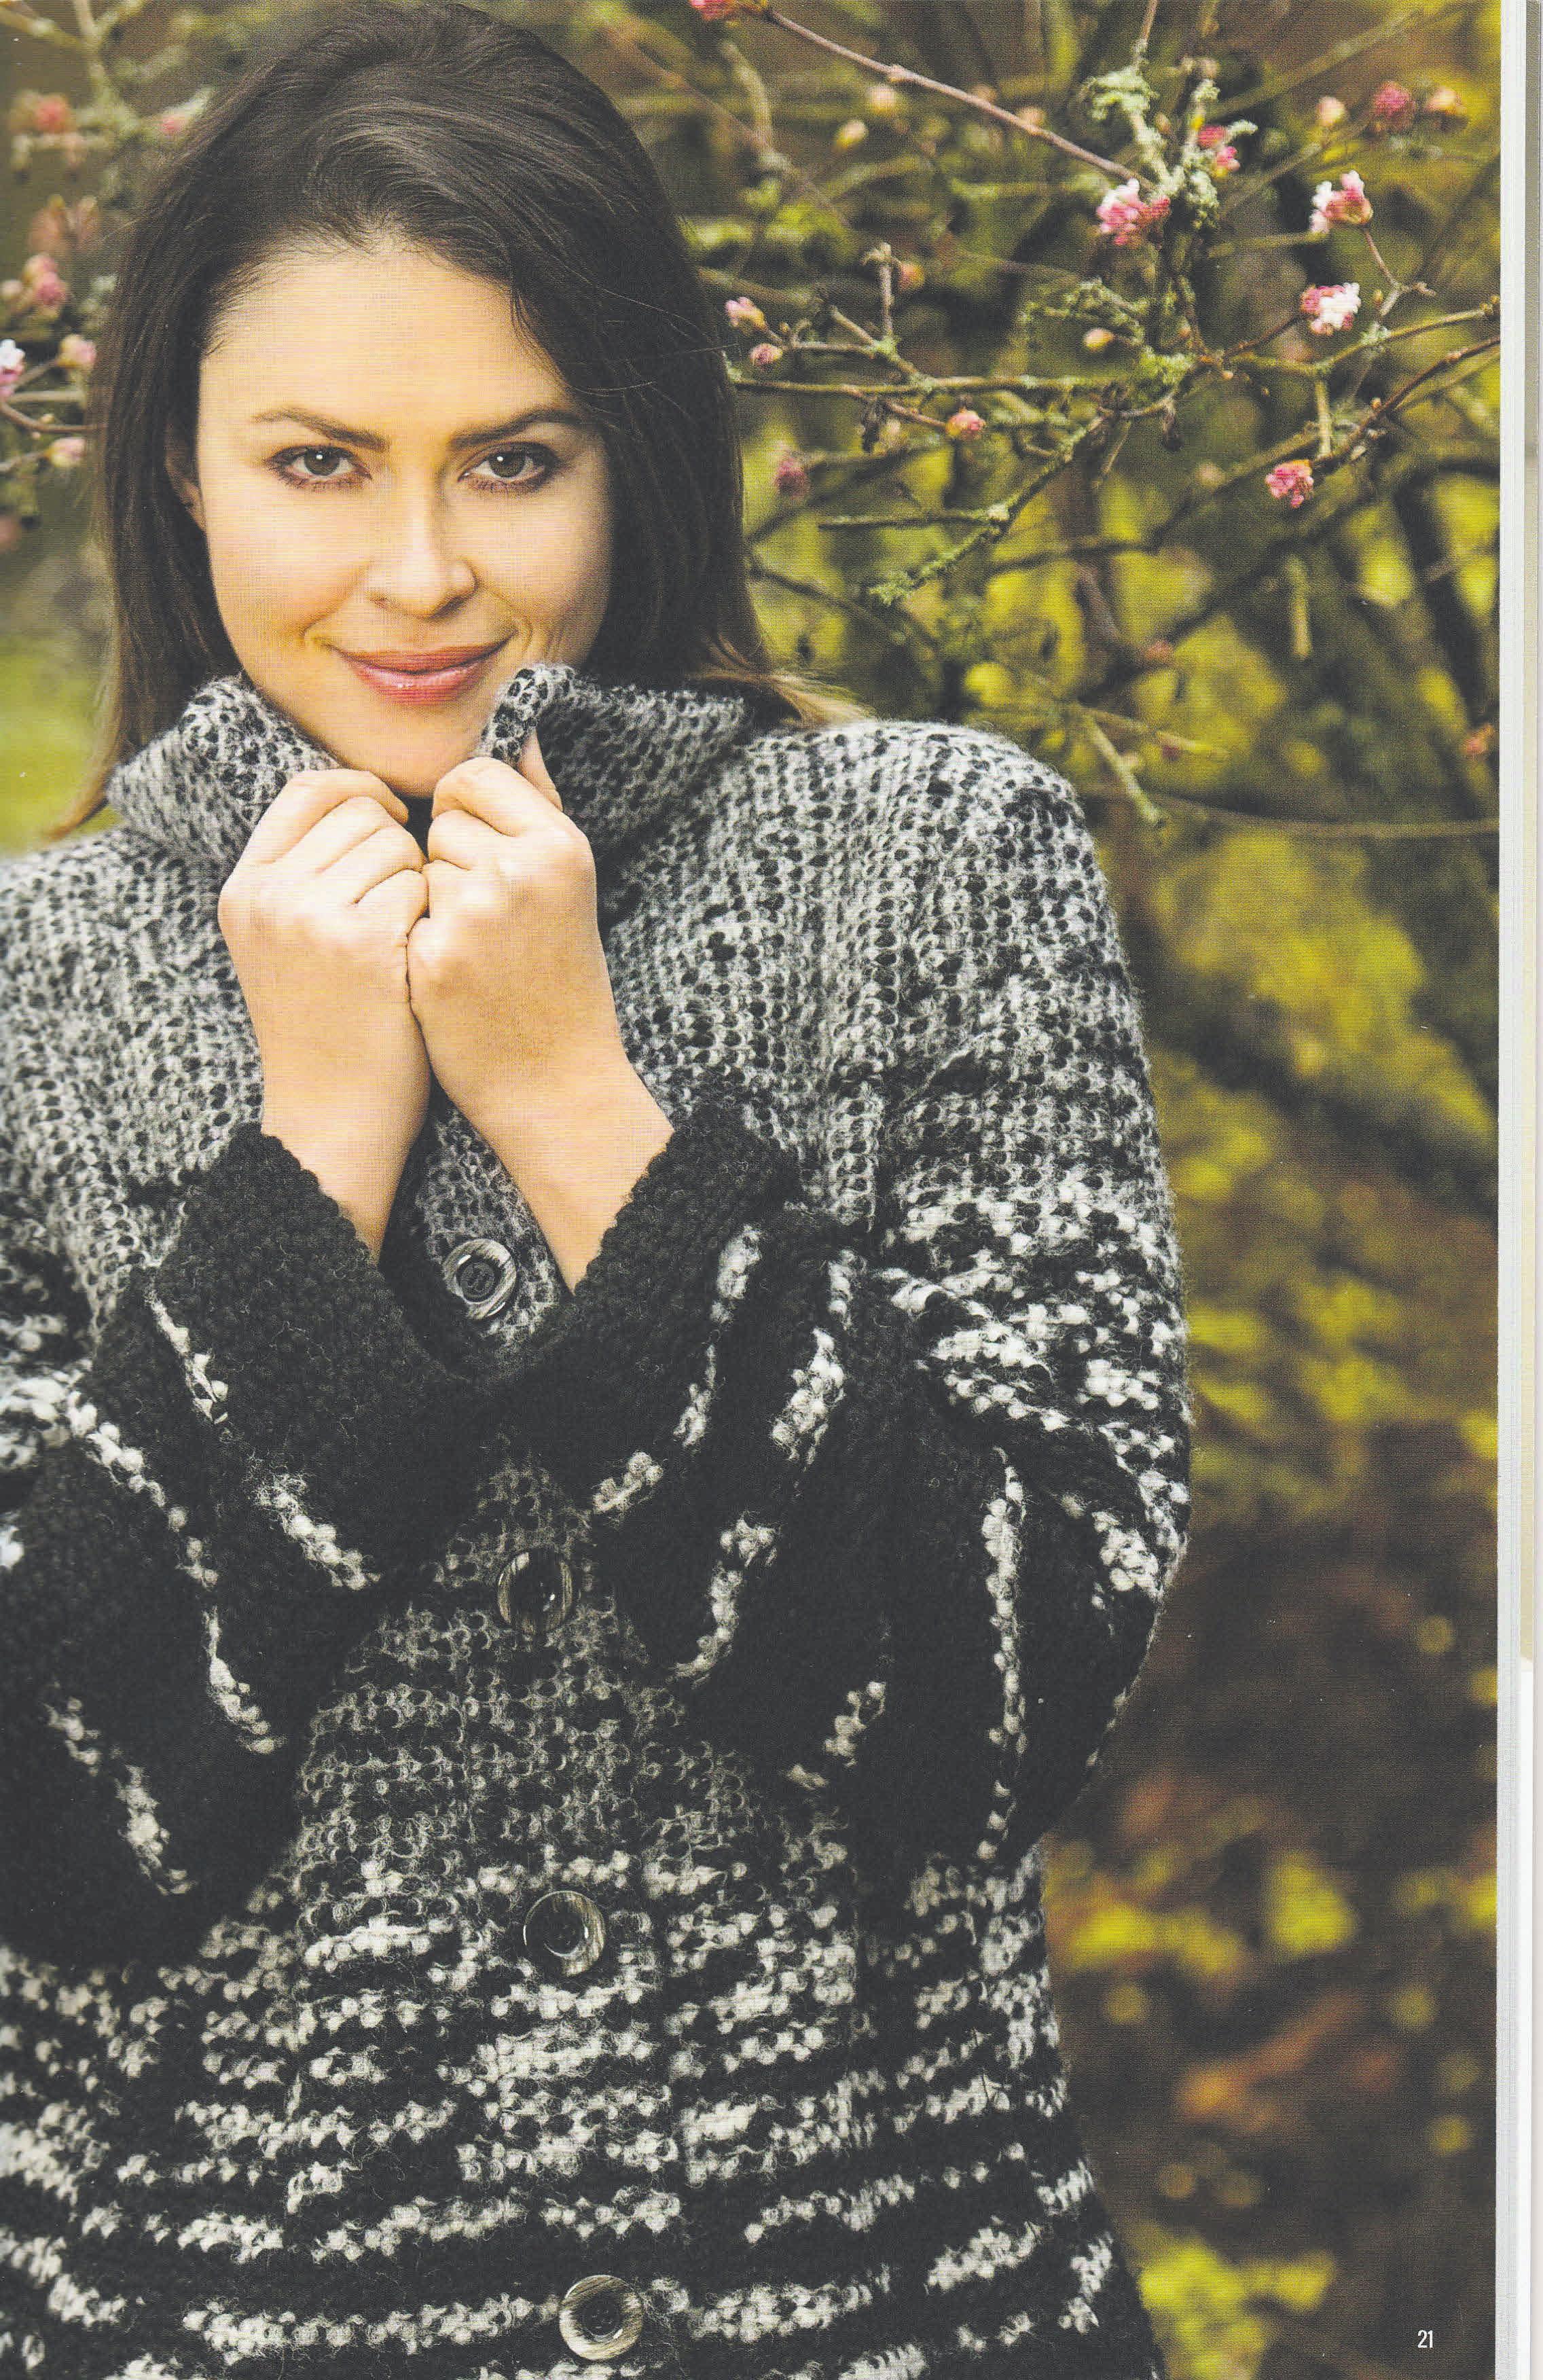 Bei Maxi exklusiv gibt es wunderschöne Herbst- und Winter-Kollektionen in den Größen 44 bis 54.